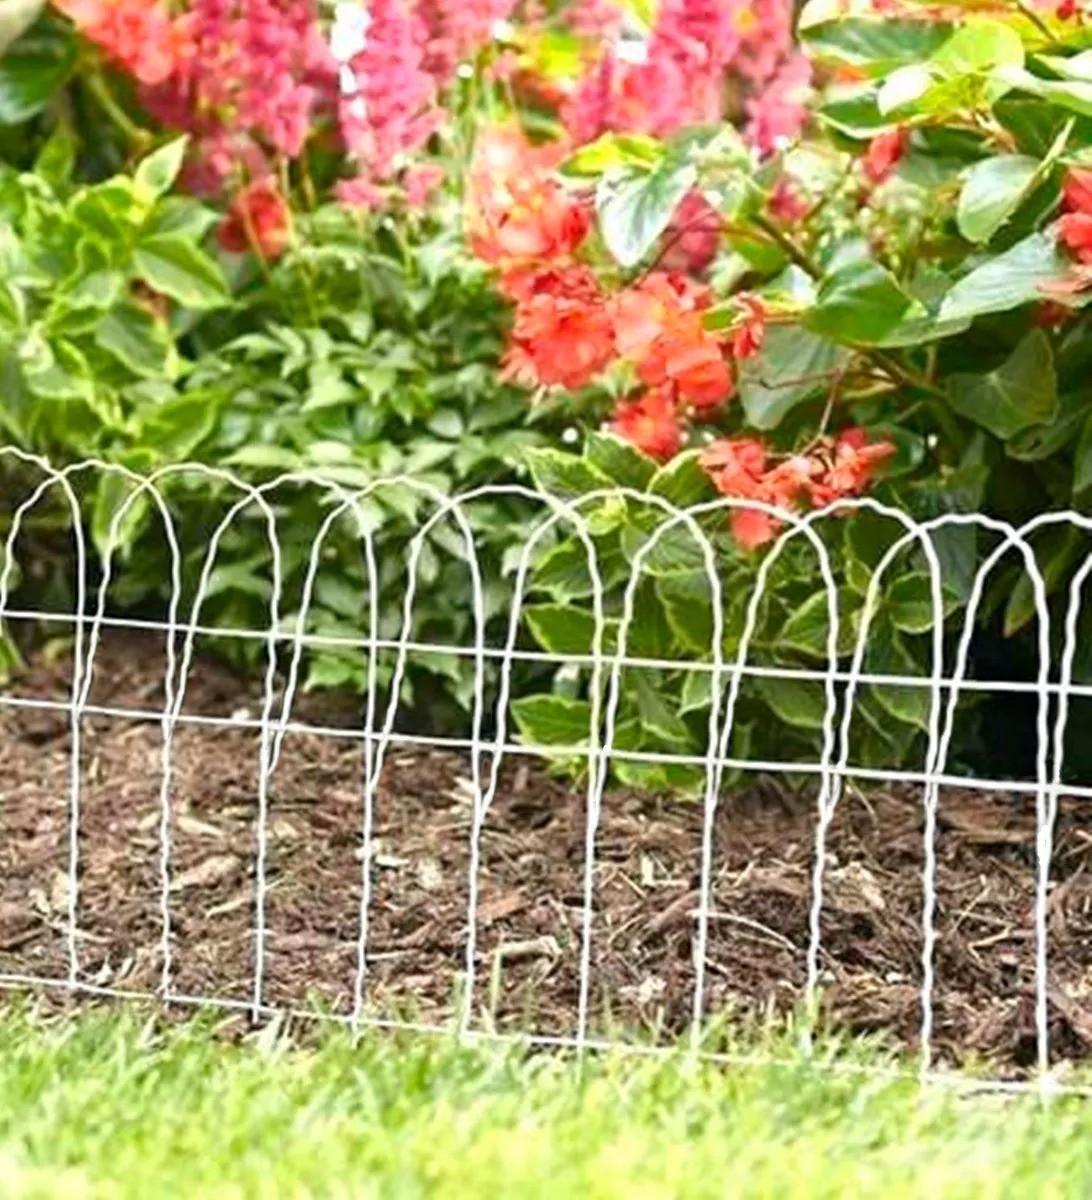 Kit Tela Jardim Branca 0,65 + 8 postes + arame para amarrar